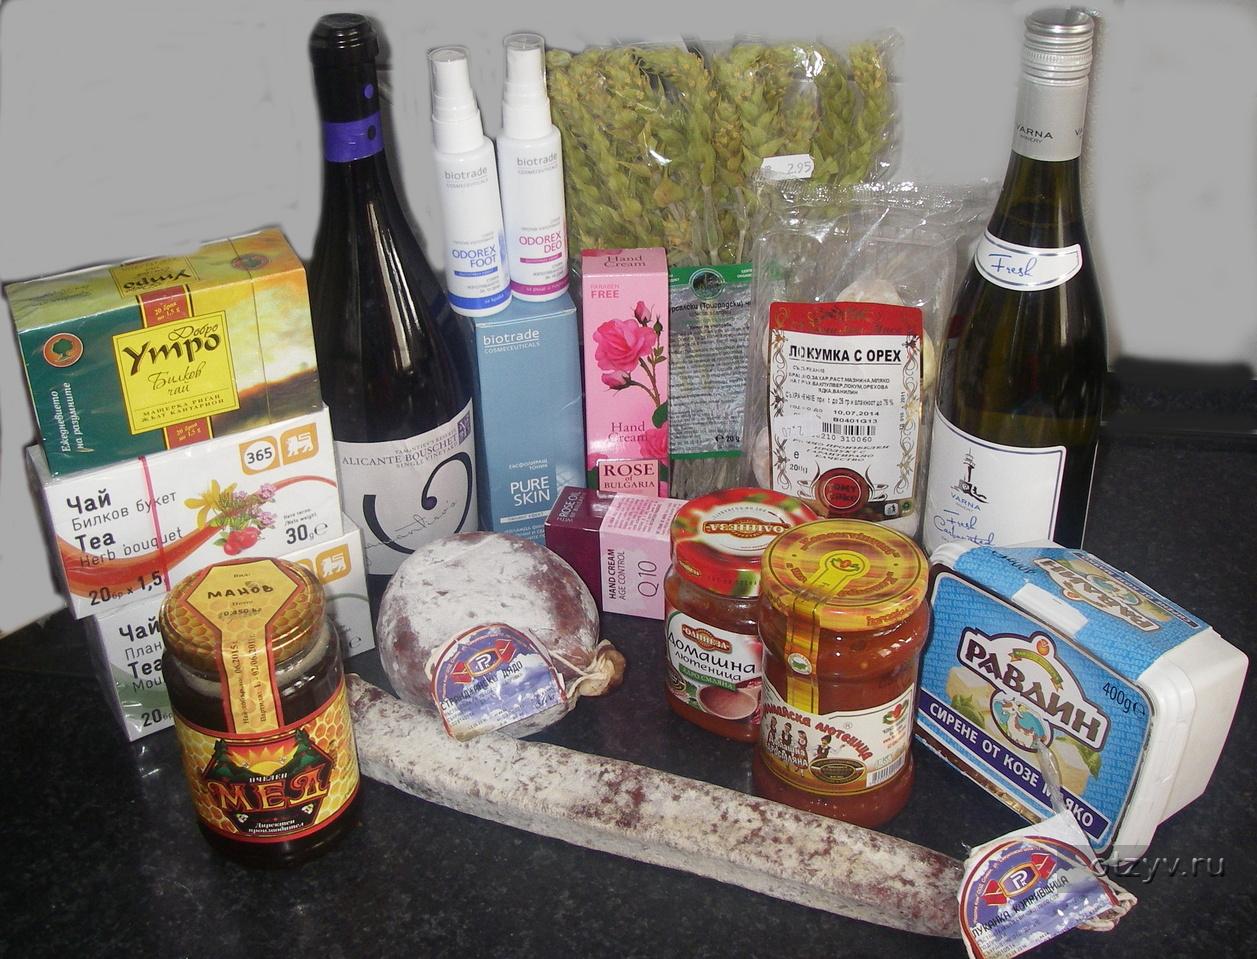 Что привезти из Болгарии: подарки, сувениры, цены и отзывы 15